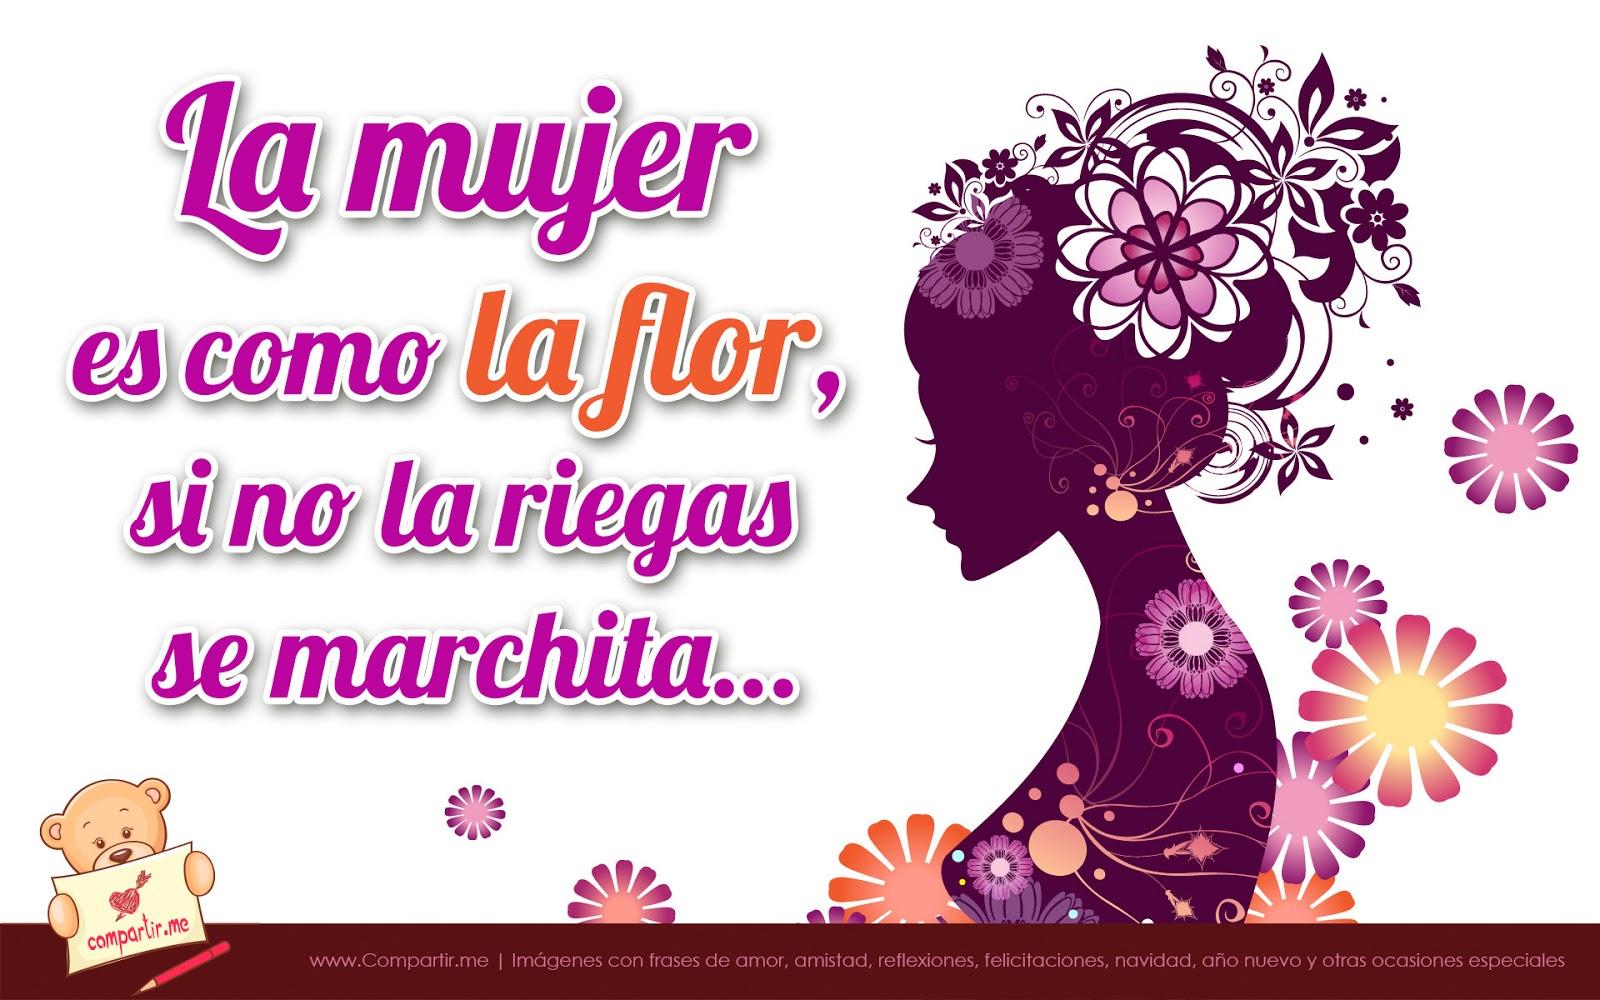 Las mujeres son olas flores hay que regarlas para que no se marchiten